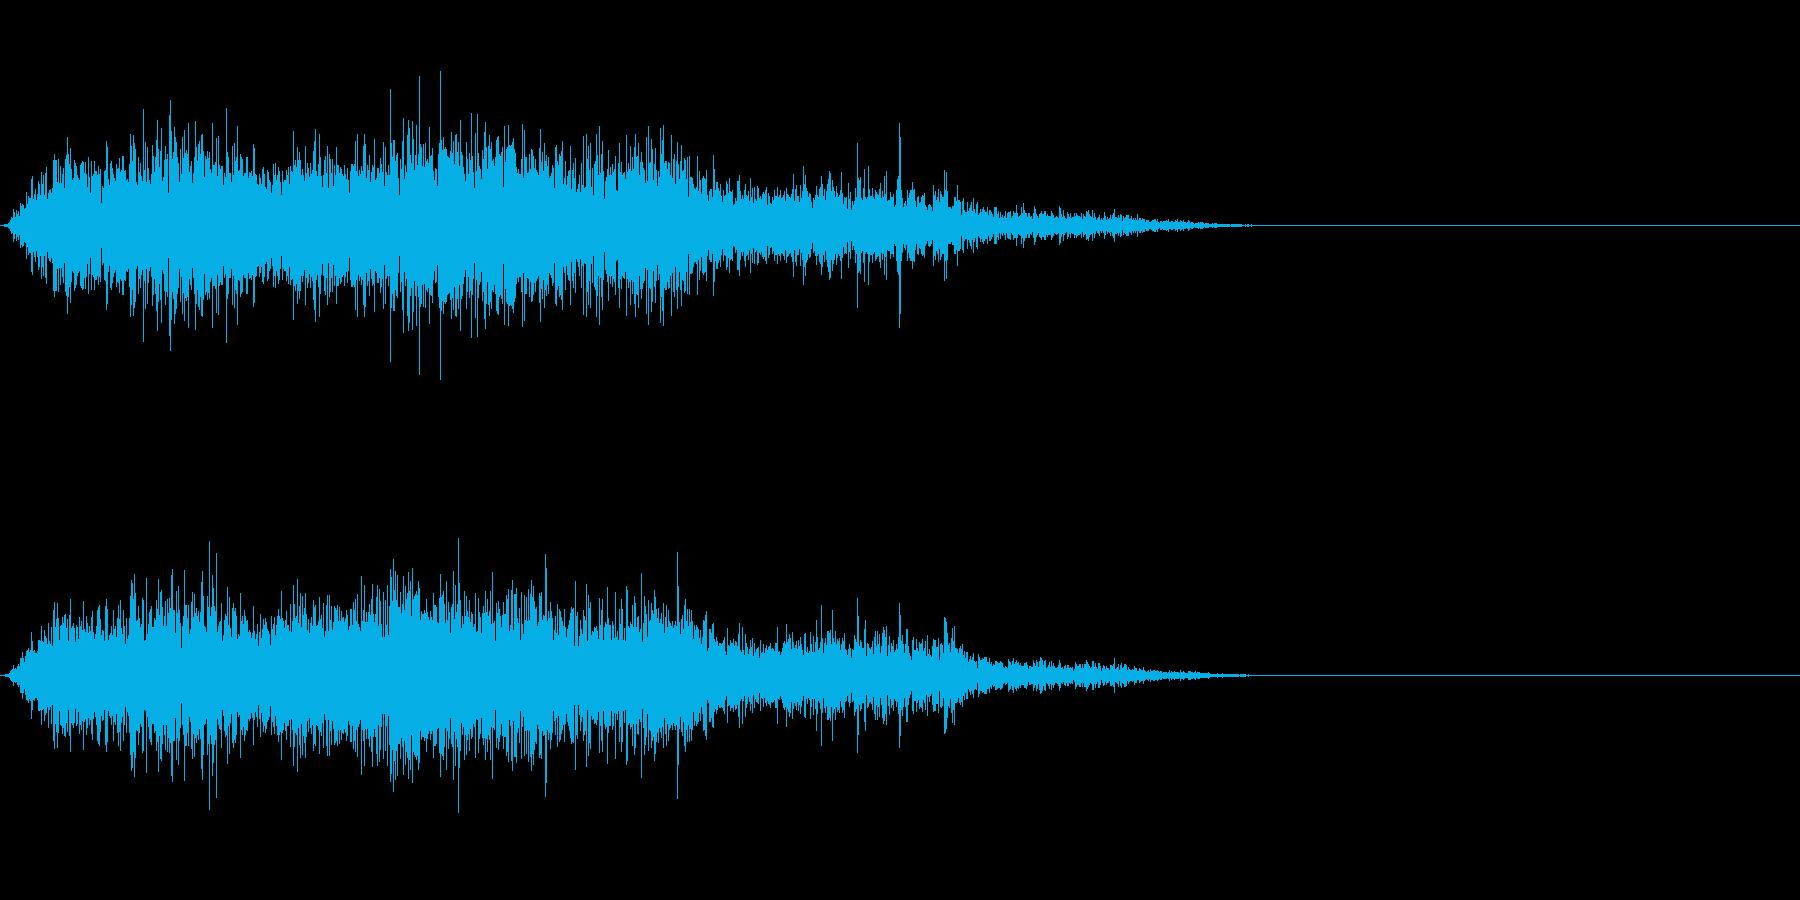 モンスター/獣/ゾンビ等の鳴き声!02の再生済みの波形